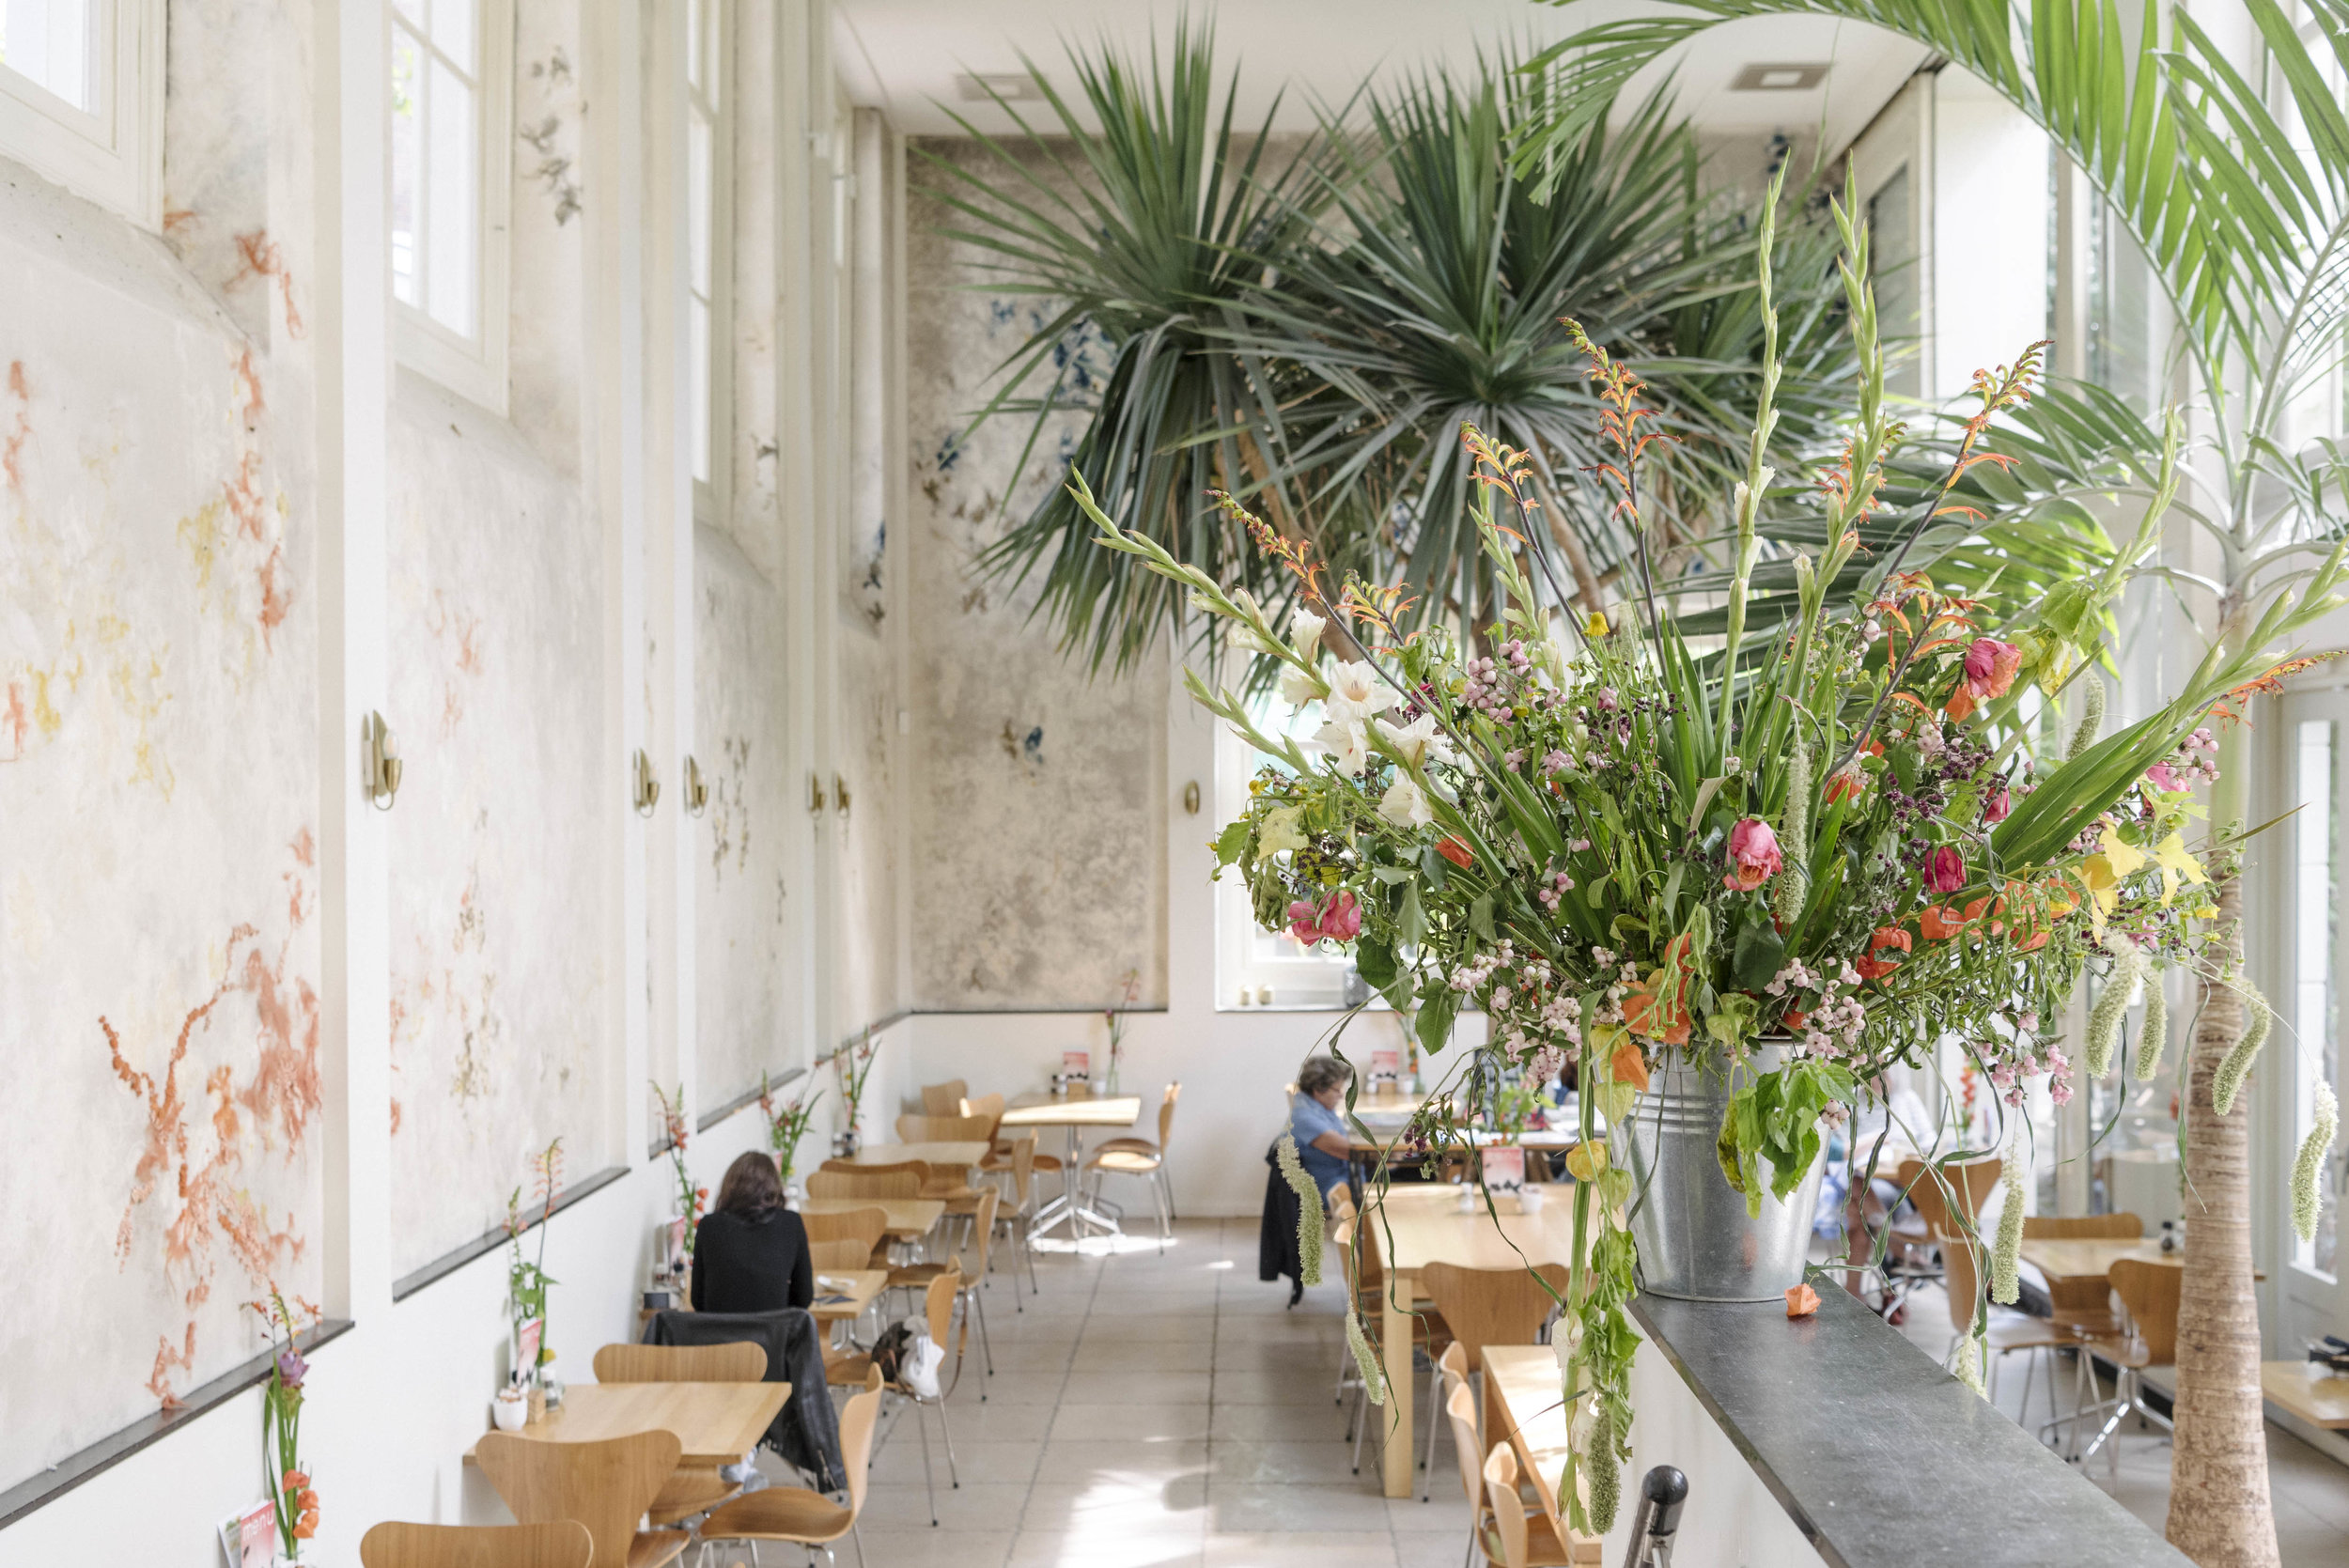 Hortus Botanicus's cafe